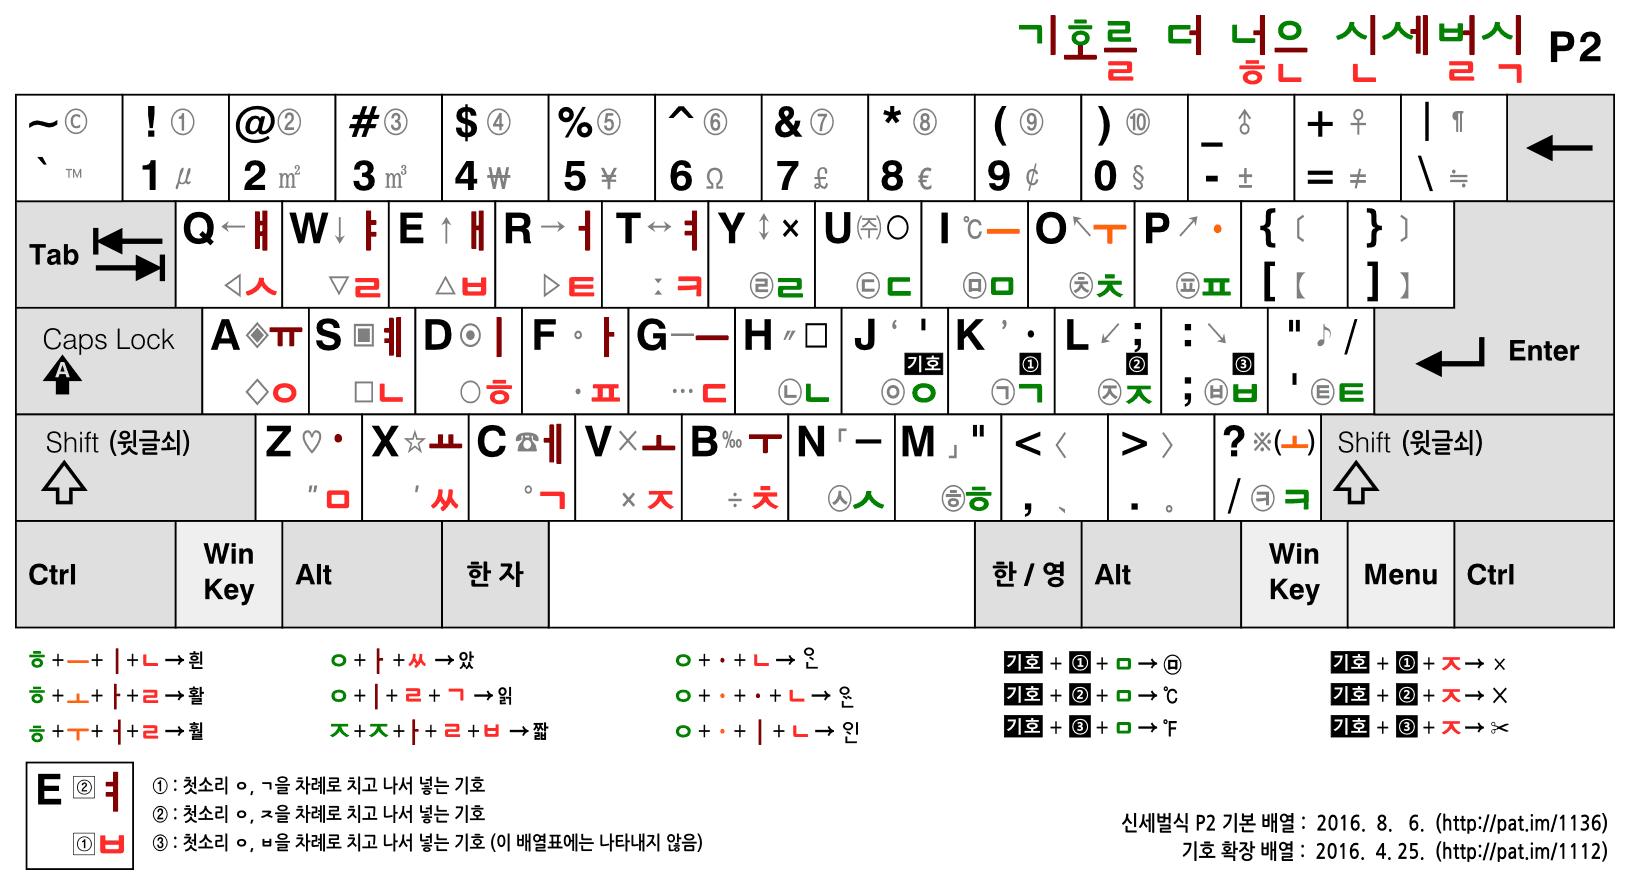 신세벌식 P2 자판 (기호 확장 2단 배열표, 옛 배열)